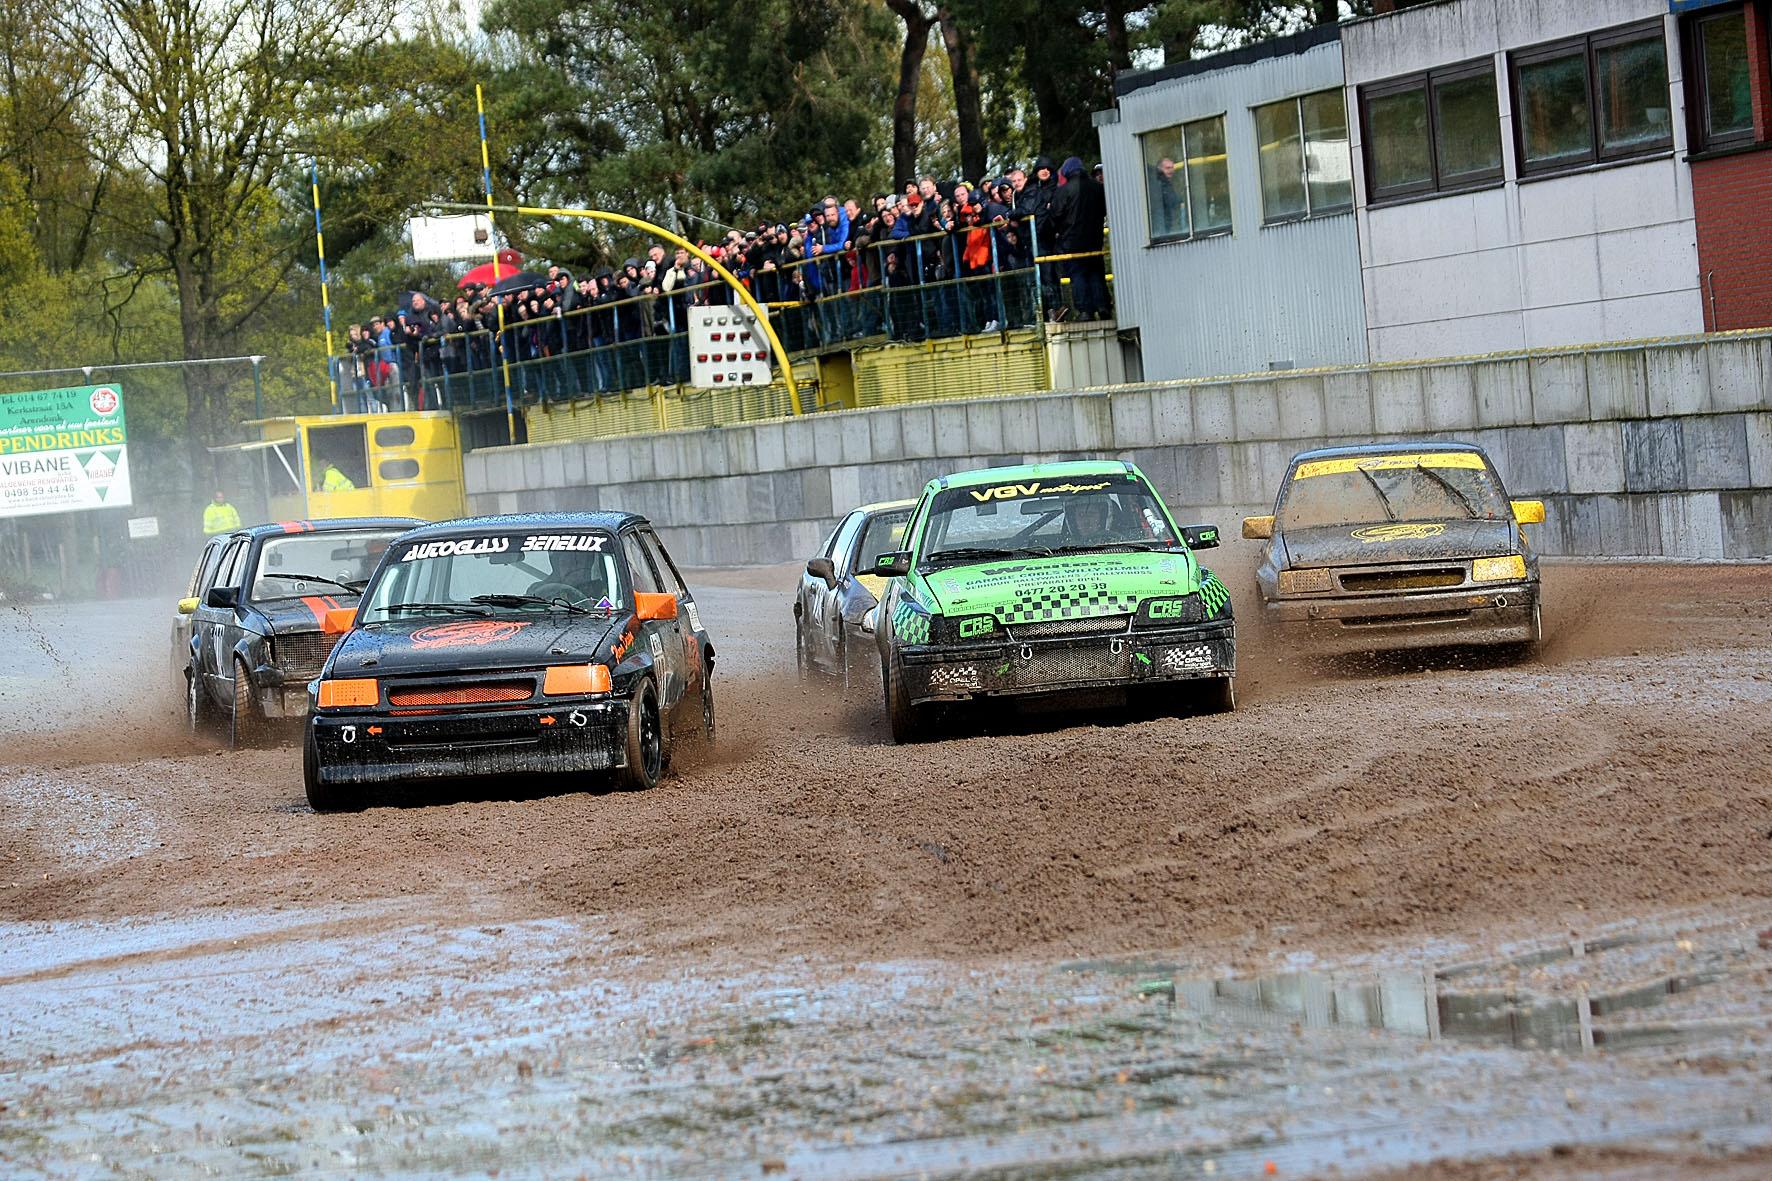 2e race op het Glosso circuit voor het Regionaal/VAS kampioenschap.